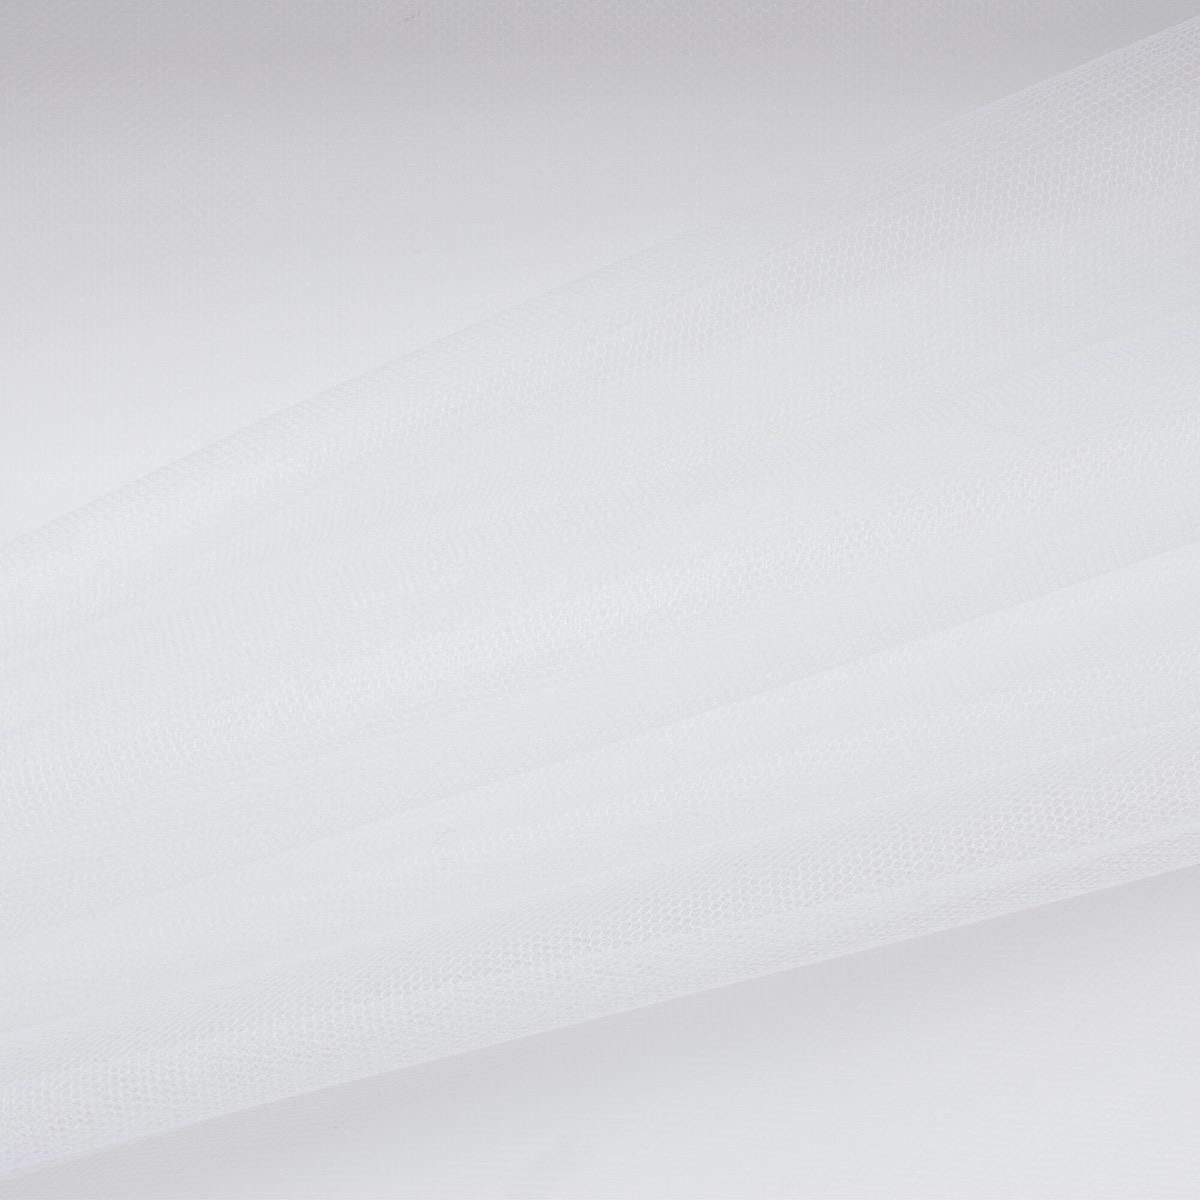 Brilliant White Illusion Tulle